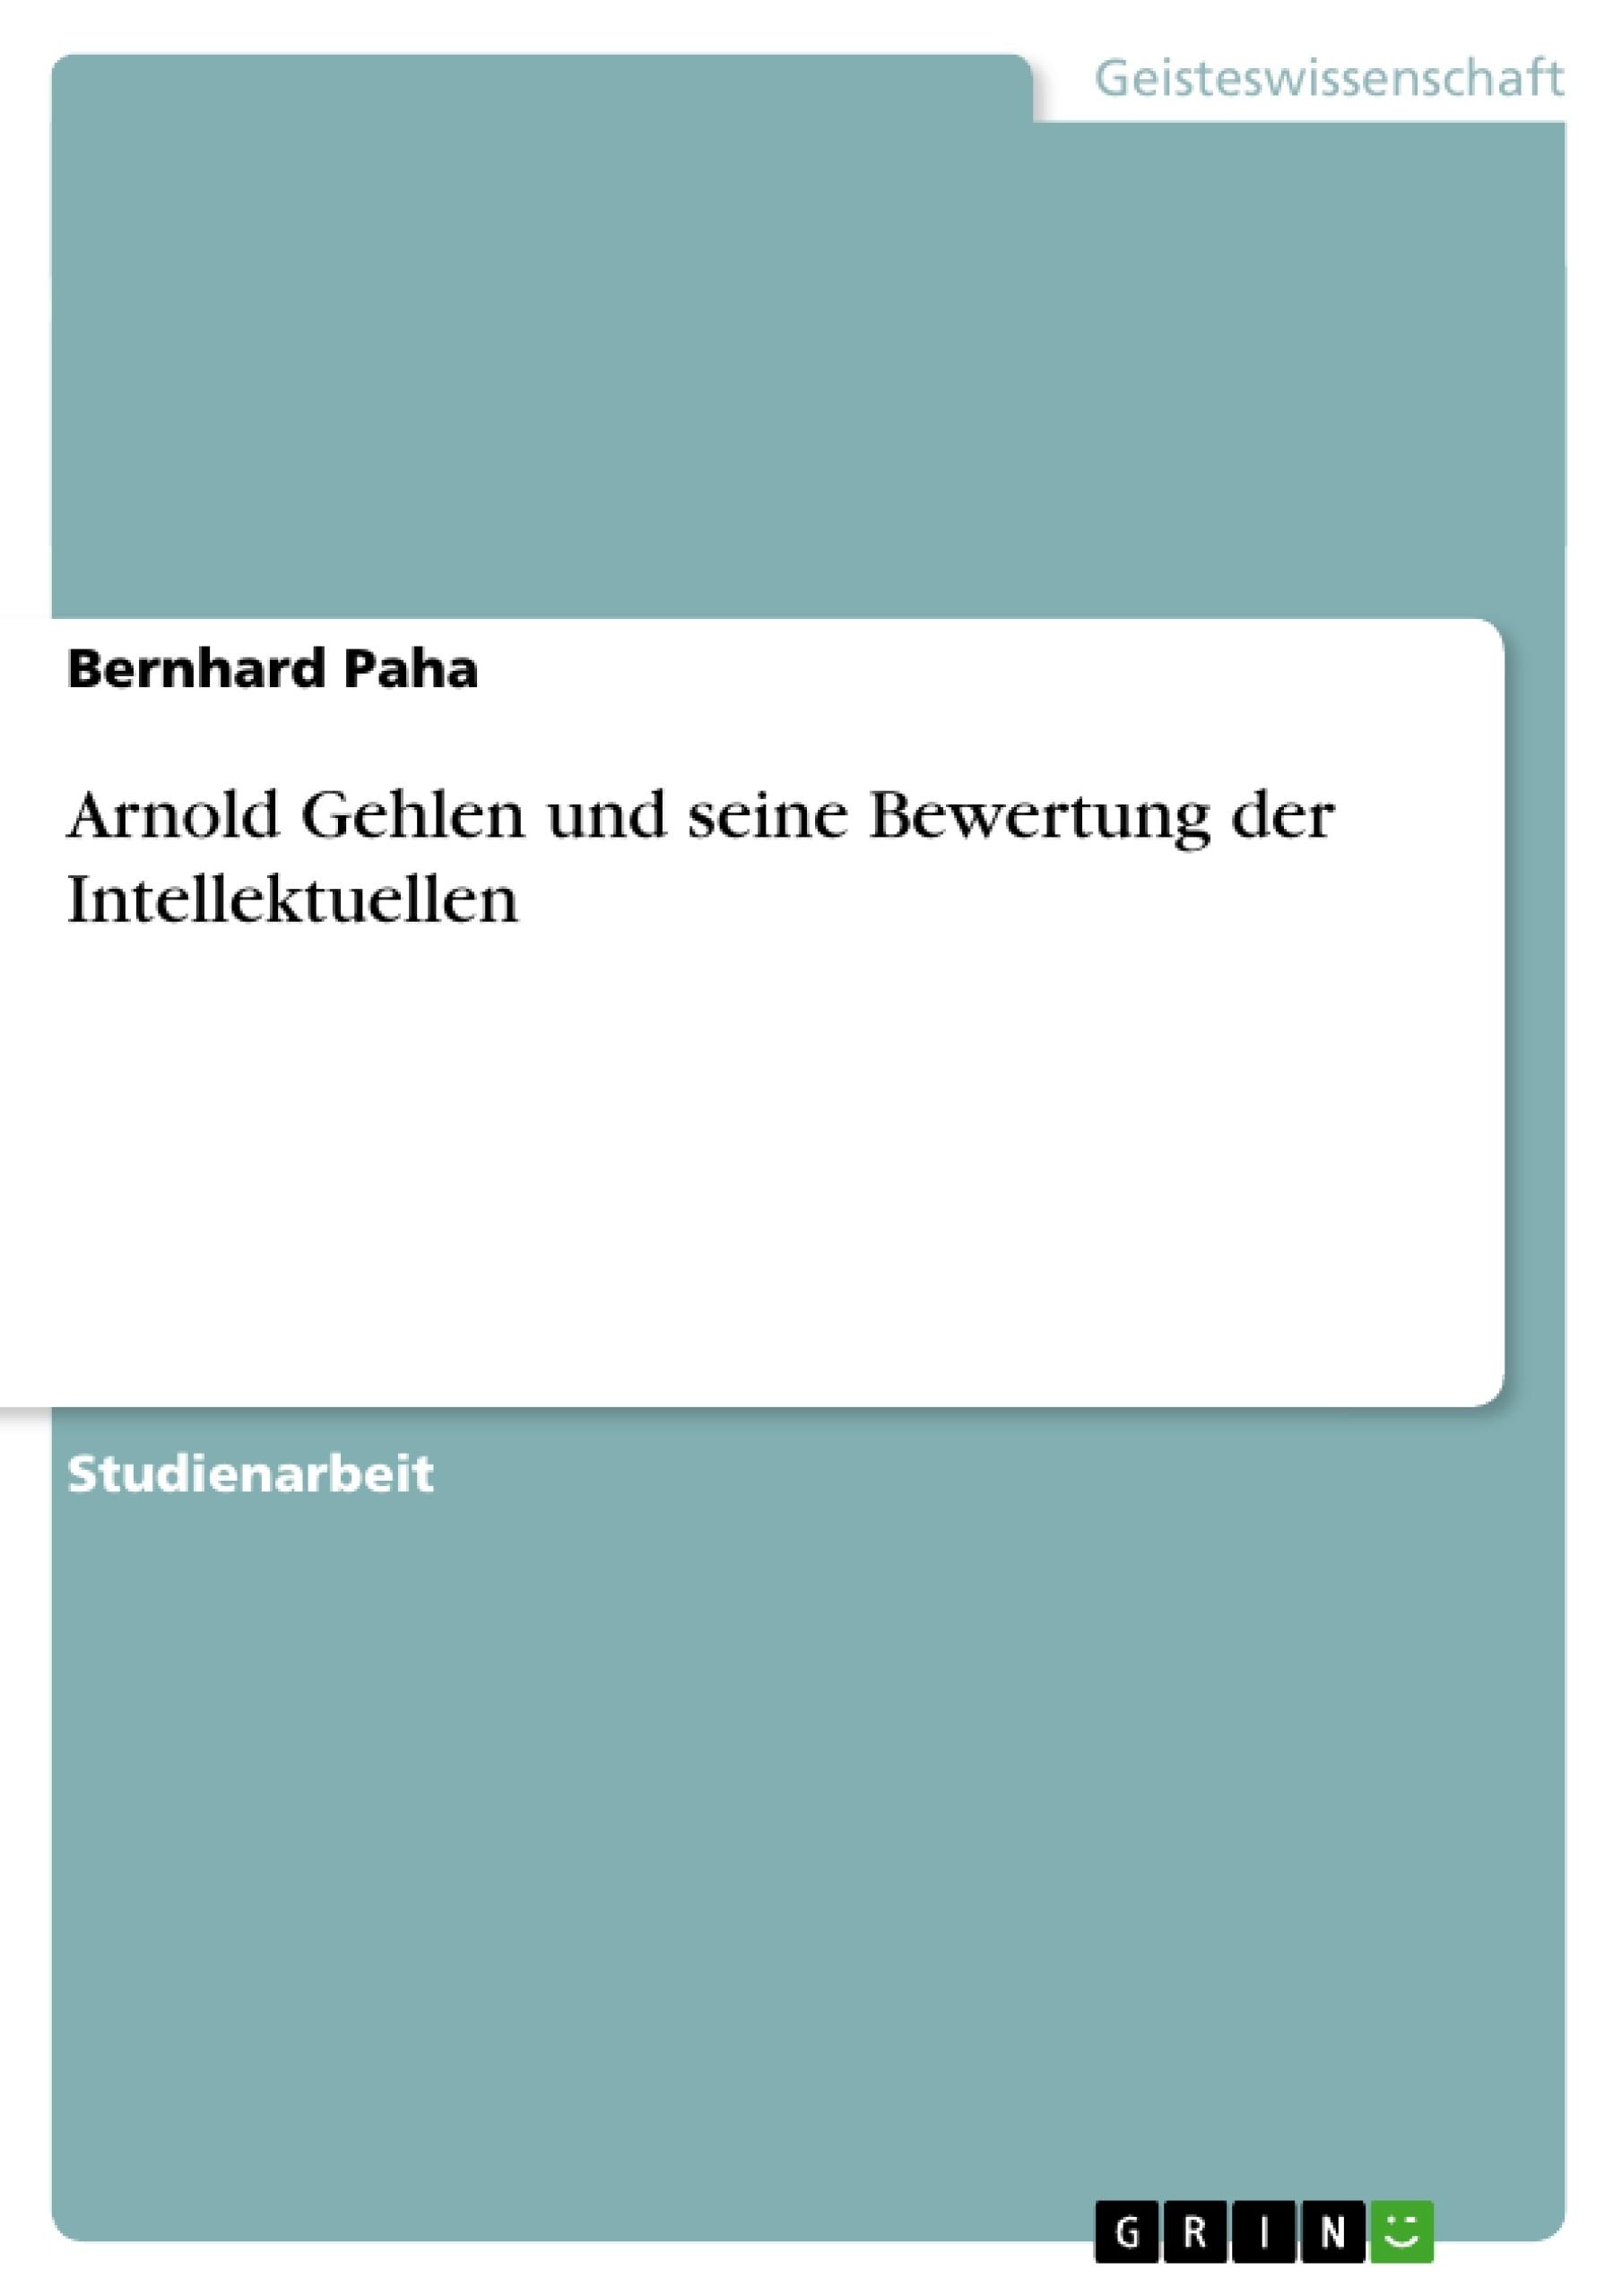 Titel: Arnold Gehlen und seine Bewertung der Intellektuellen